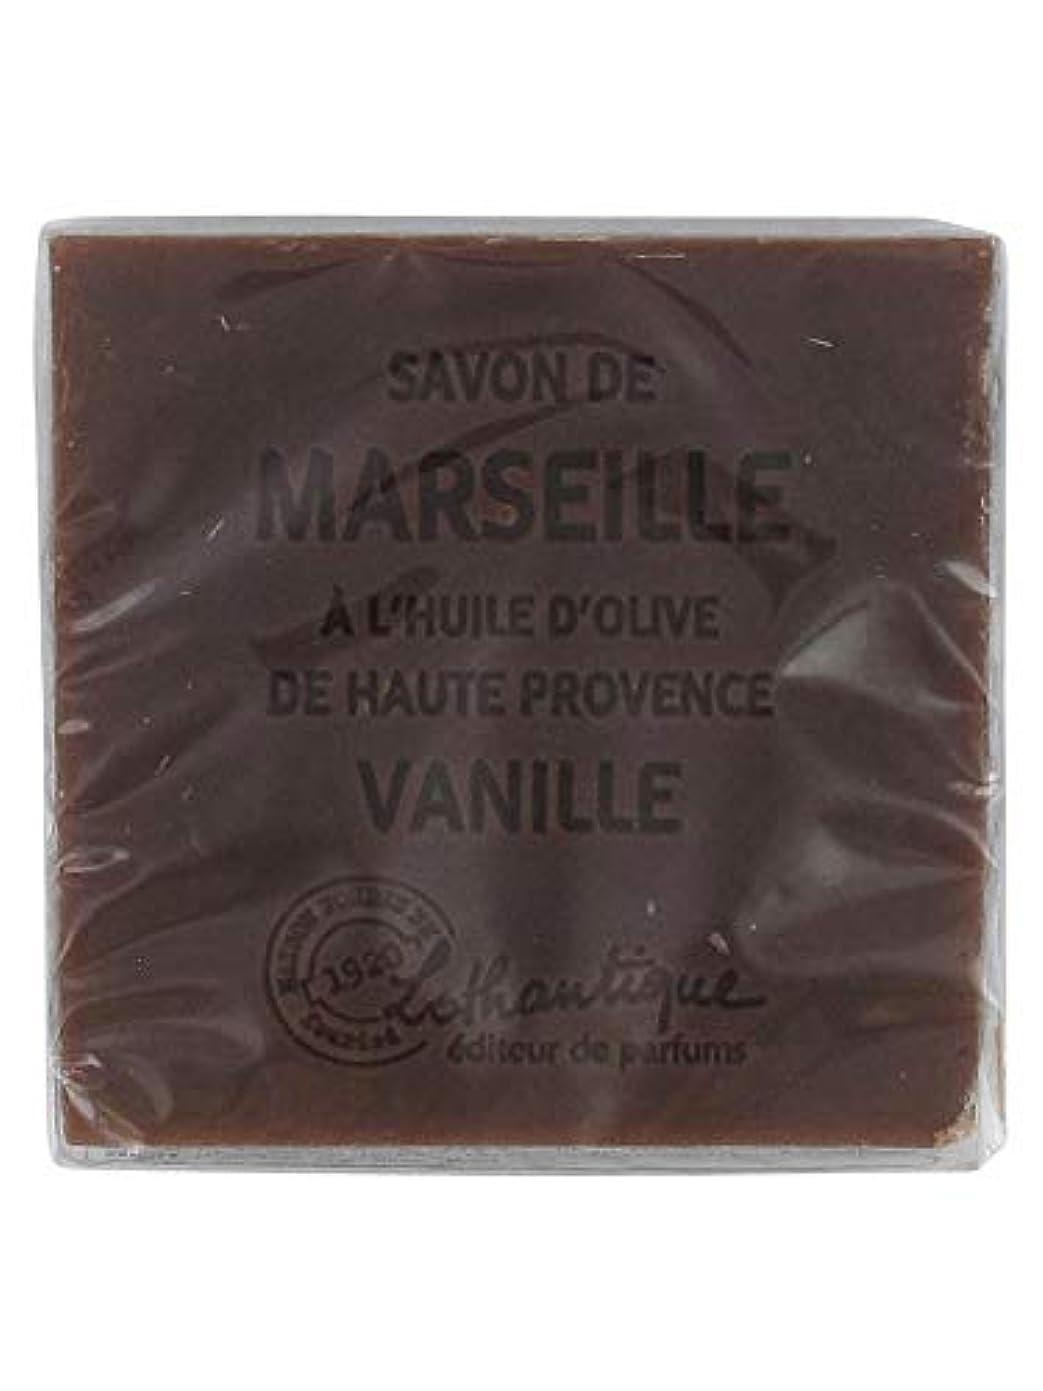 冷淡な報復頬Lothantique(ロタンティック) Les savons de Marseille(マルセイユソープ) マルセイユソープ 100g 「バニラ」 3420070038005